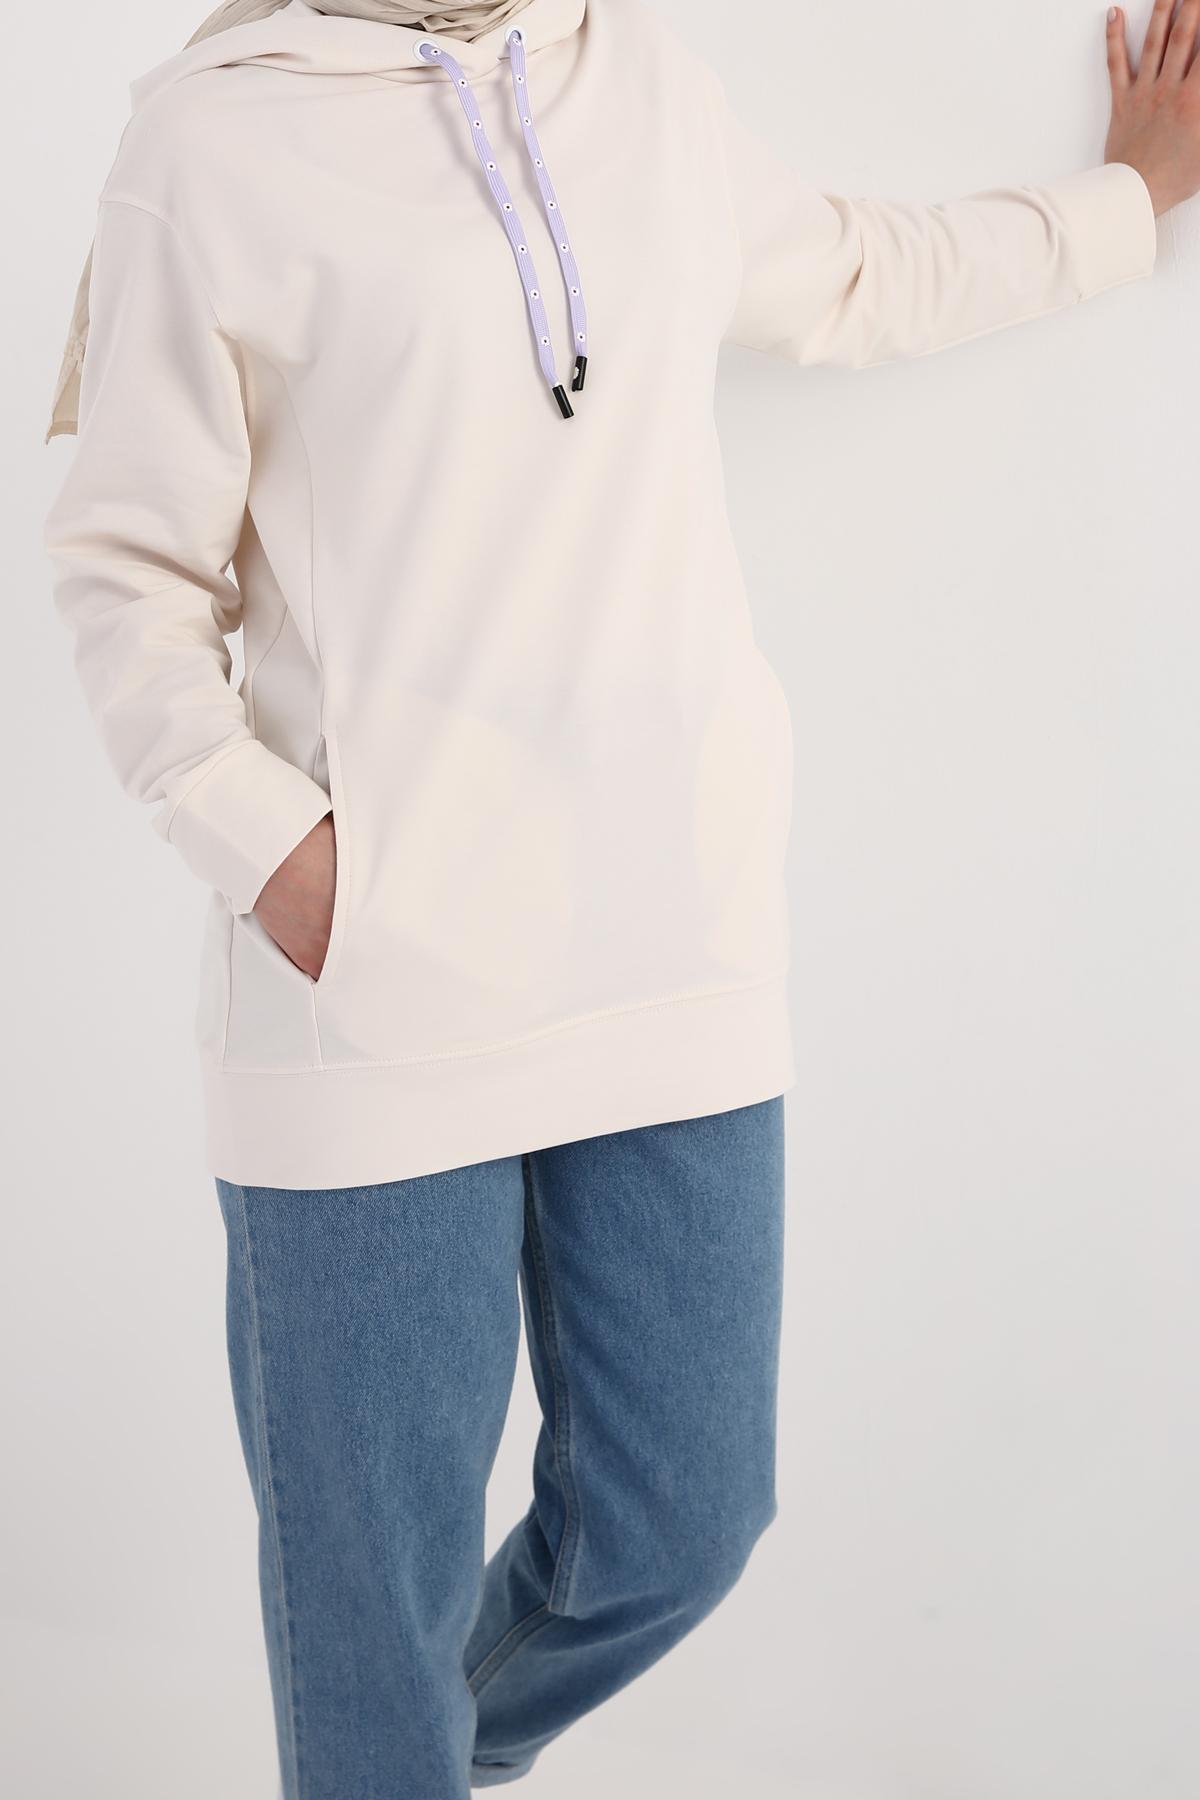 Hooded Sweatshirt Tunic With Pocket